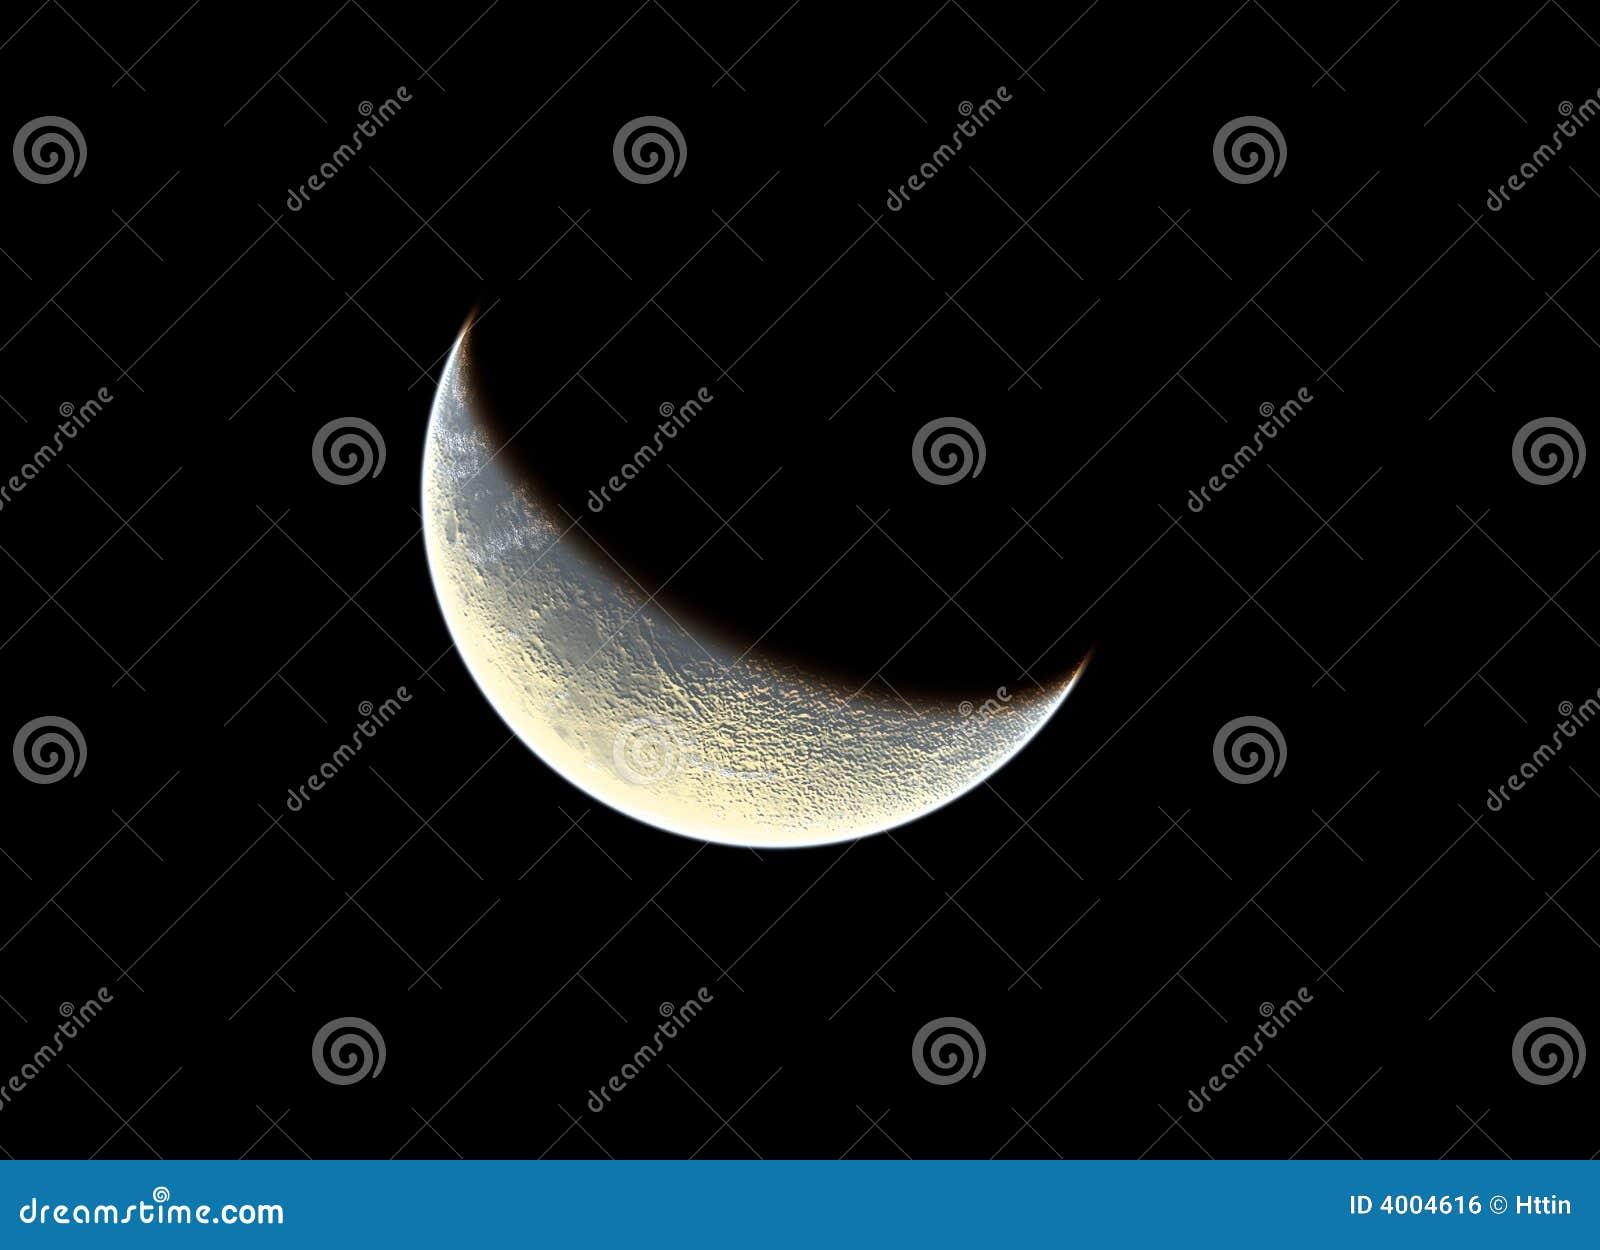 μισό φεγγάρι